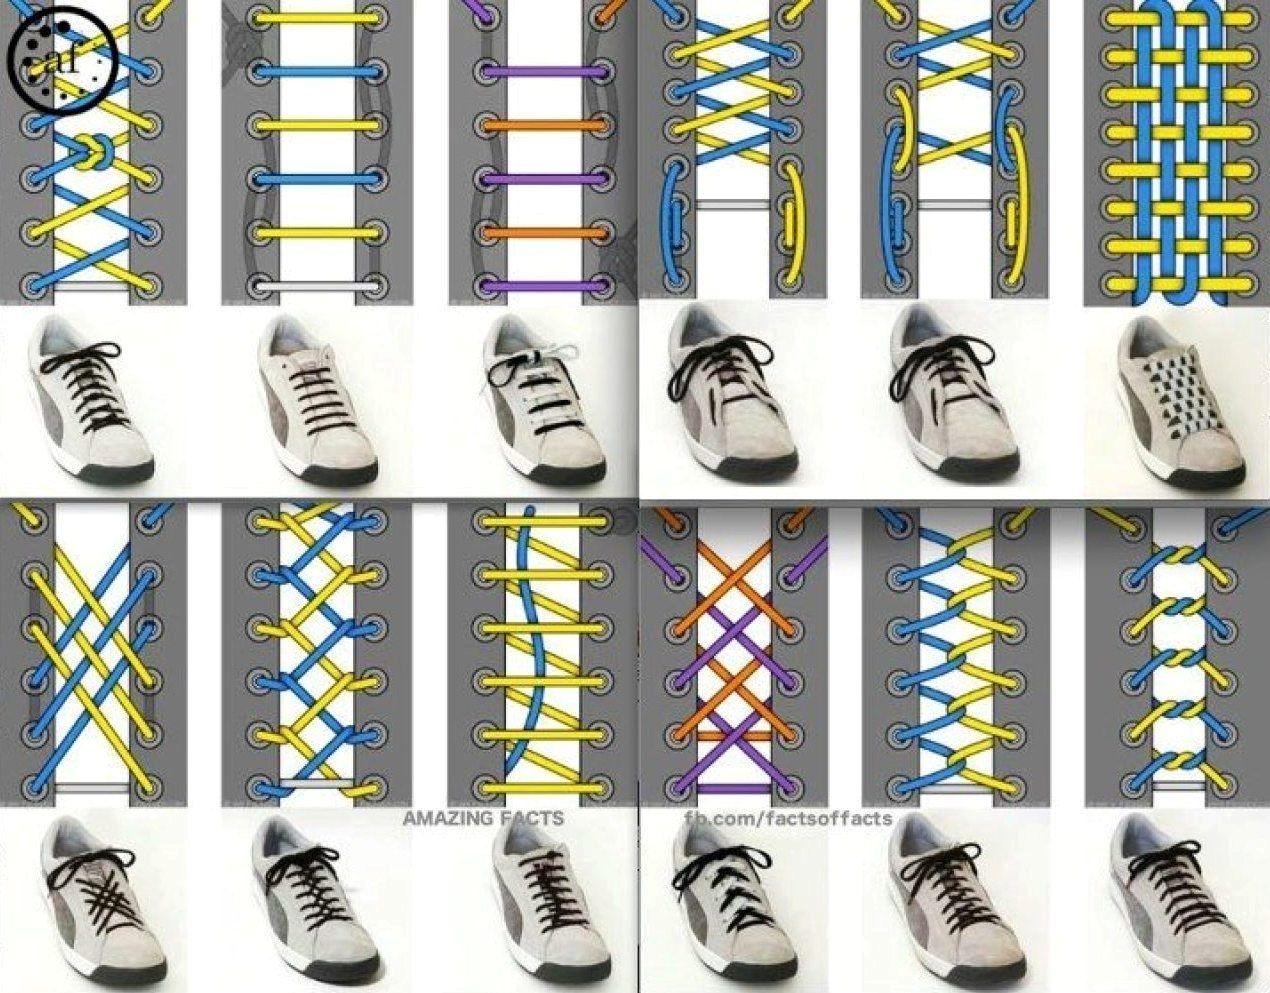 разные способы завязывания шнурков фото схемы постройки моста